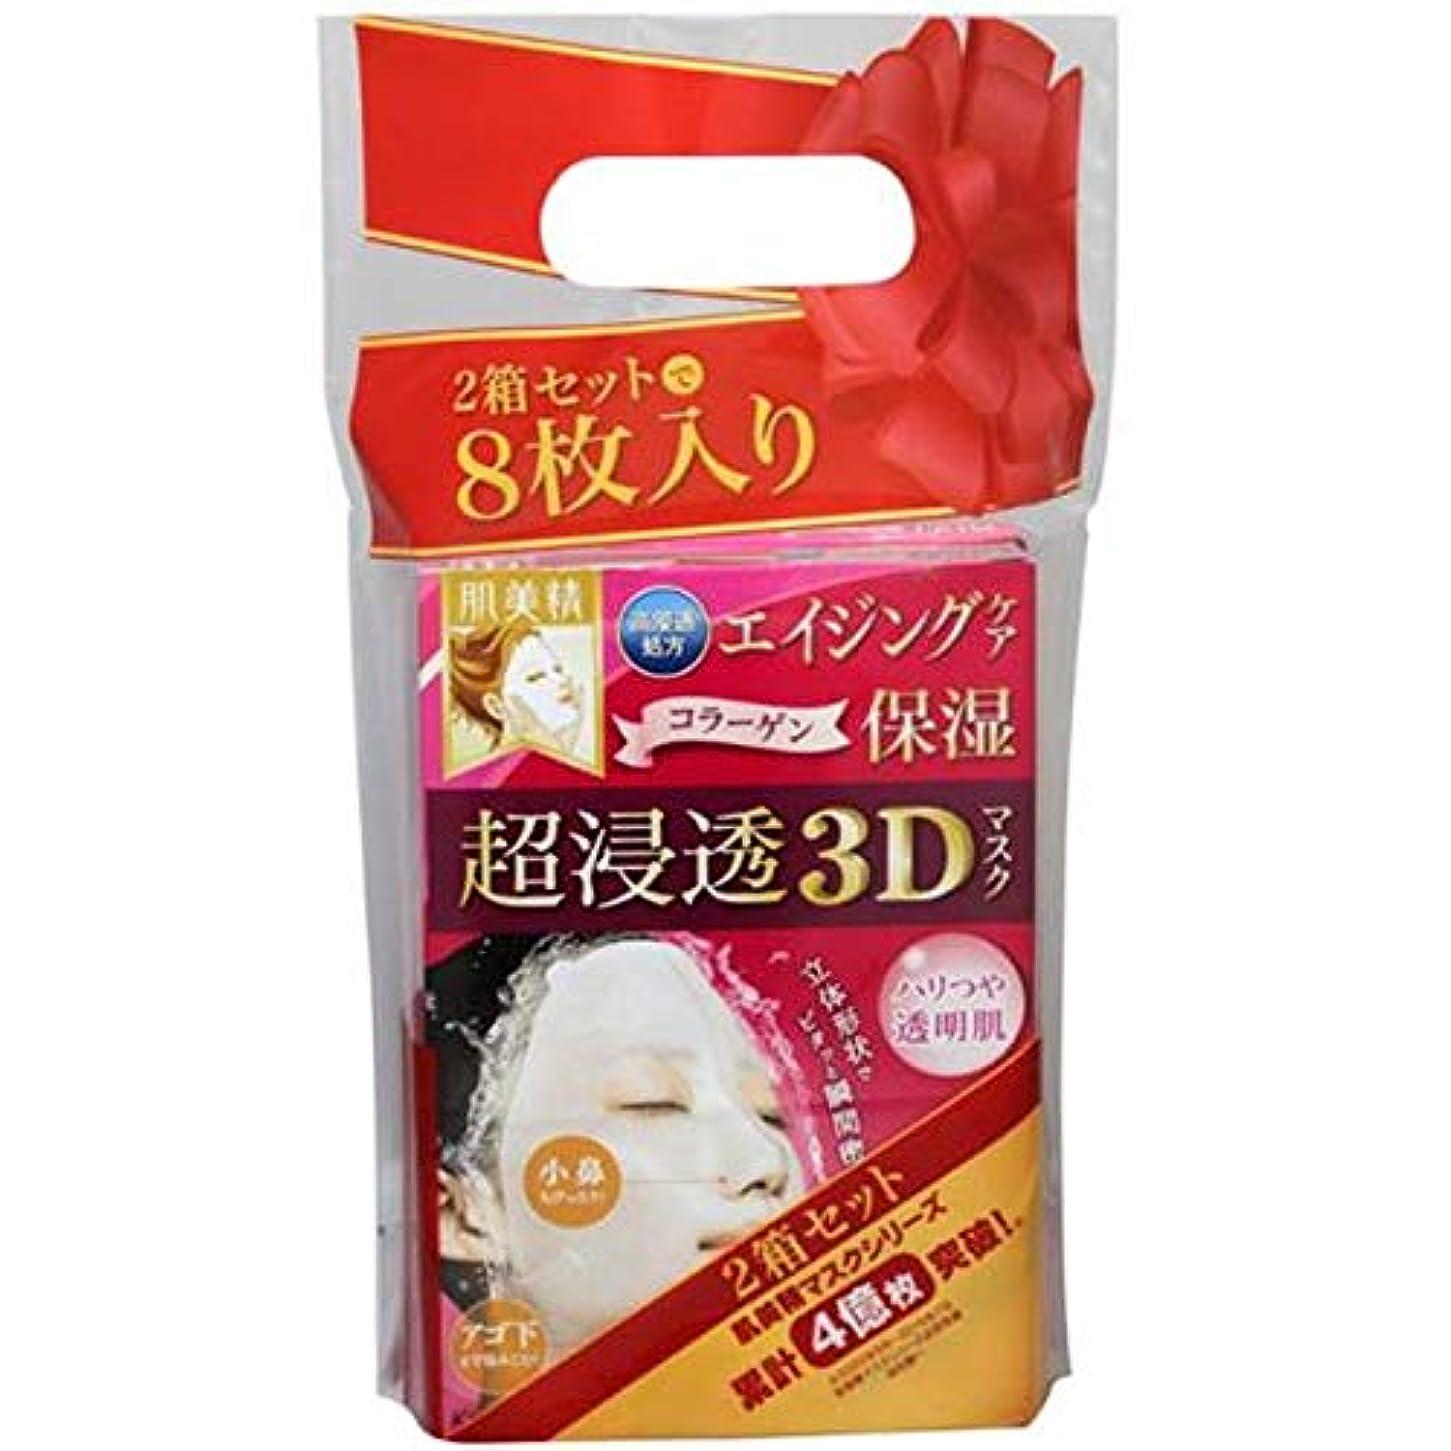 テンション率直なフレット【数量限定!お買い得セット!】肌美精 超浸透3Dマスク エイジングケア保湿 2個セット